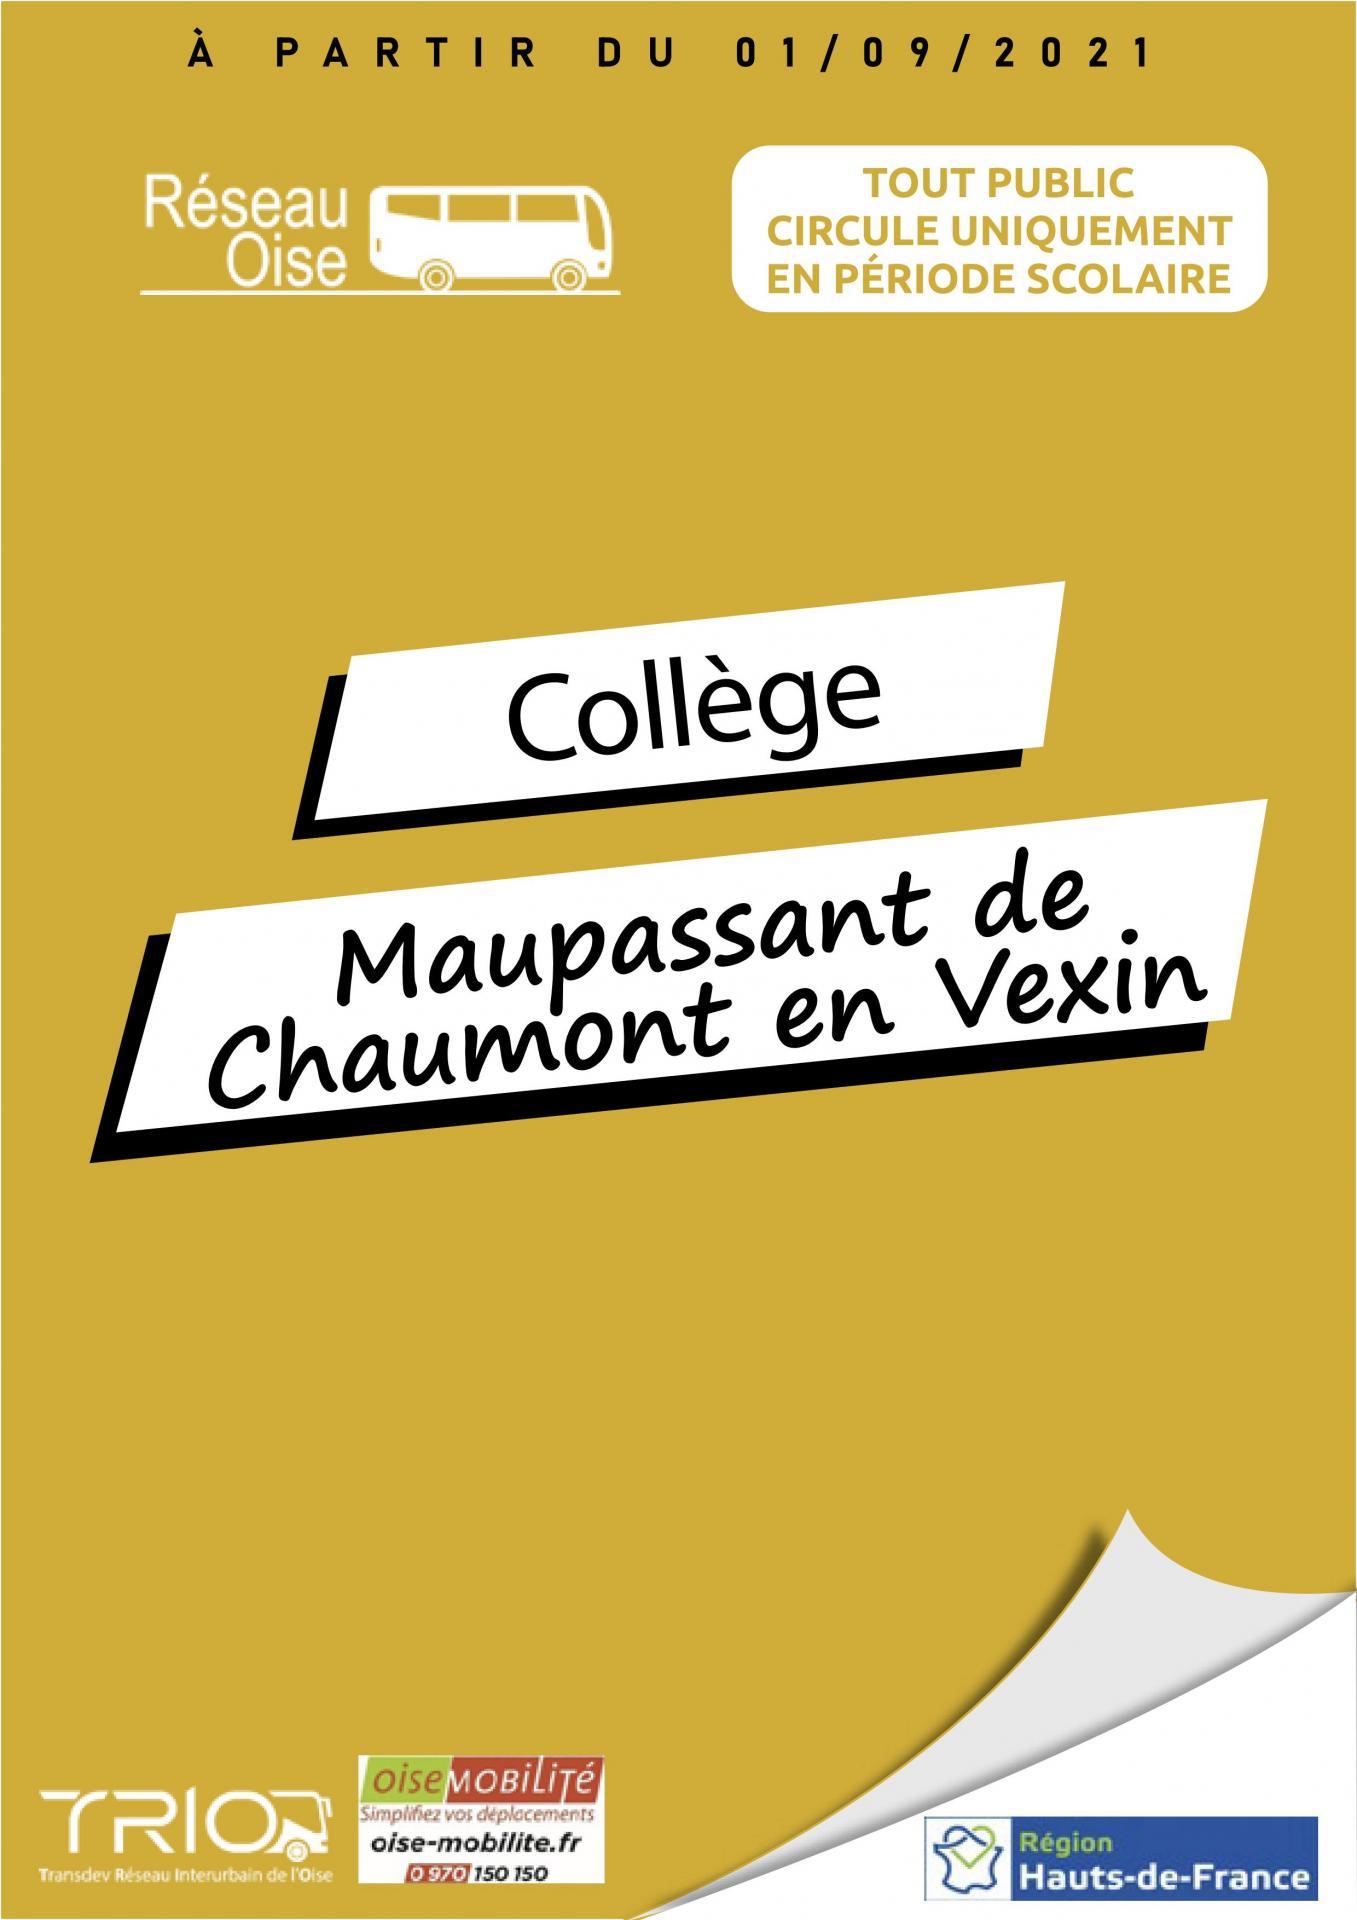 6105 college maupassant de chaumont en vexin1